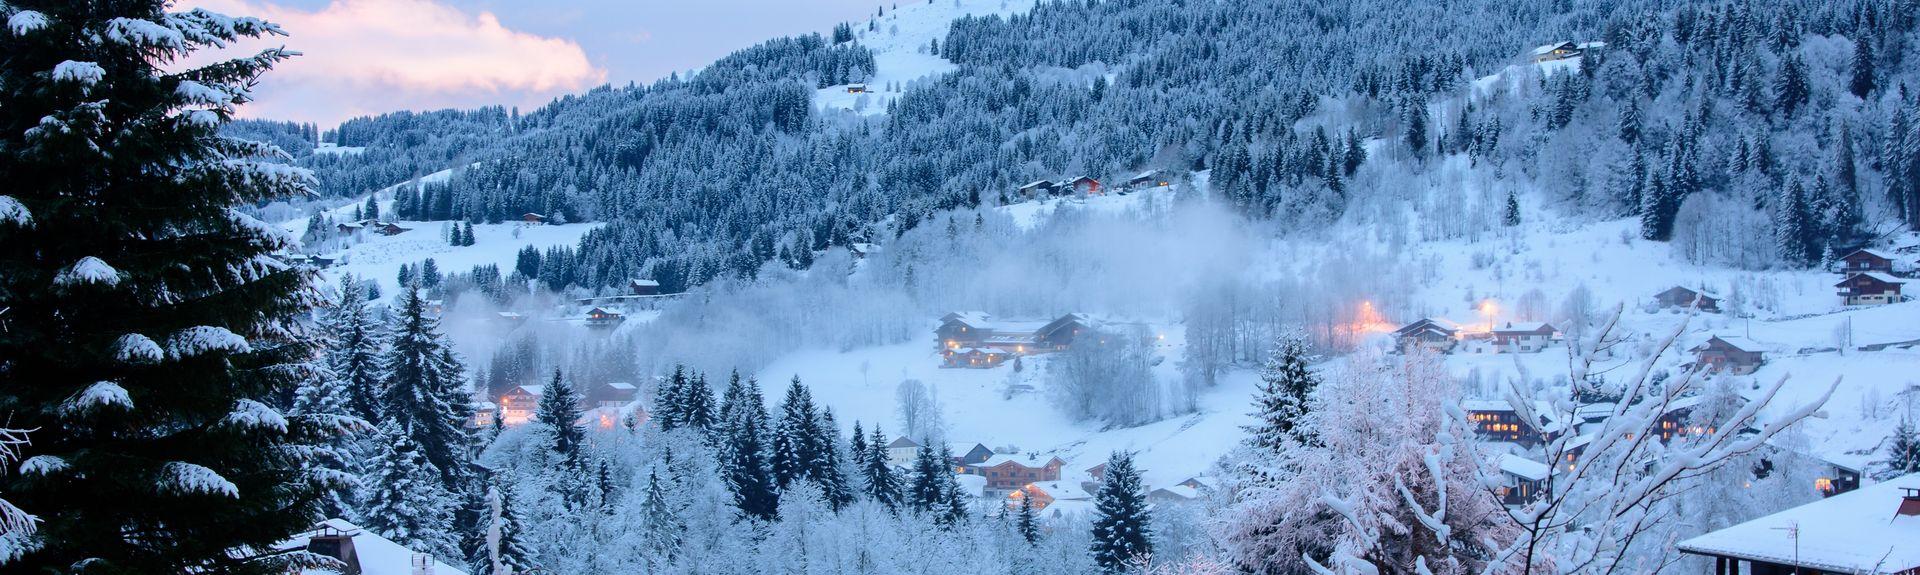 Les Gets, Haute-Savoie (department), France